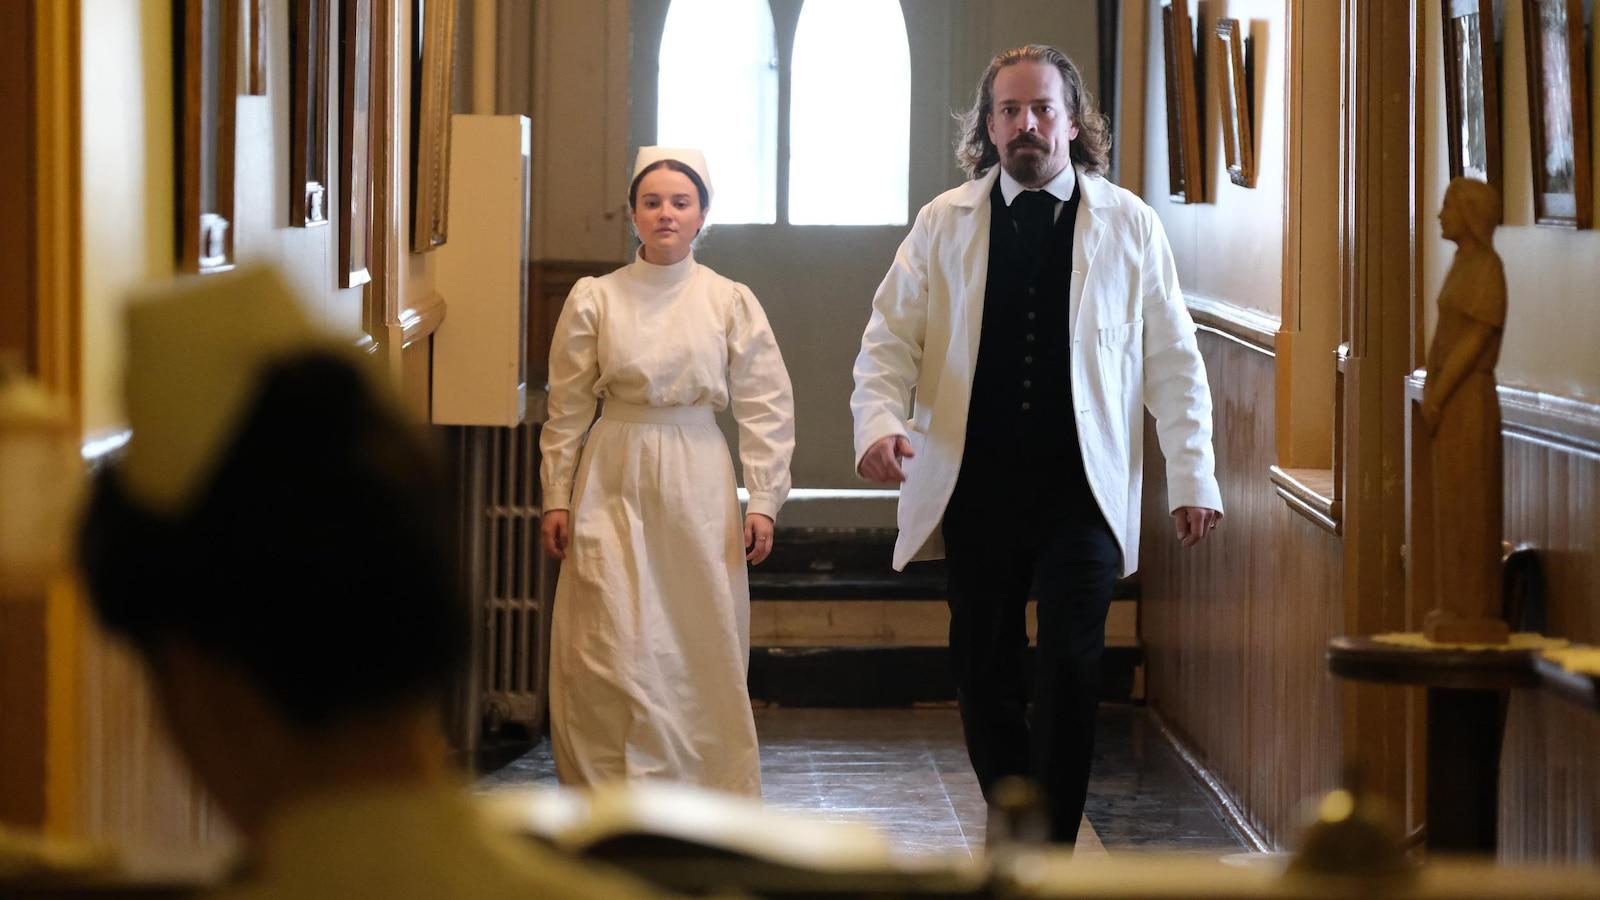 Le duo marche dans un corridor habillé en infirmière et en médecin d'époque.